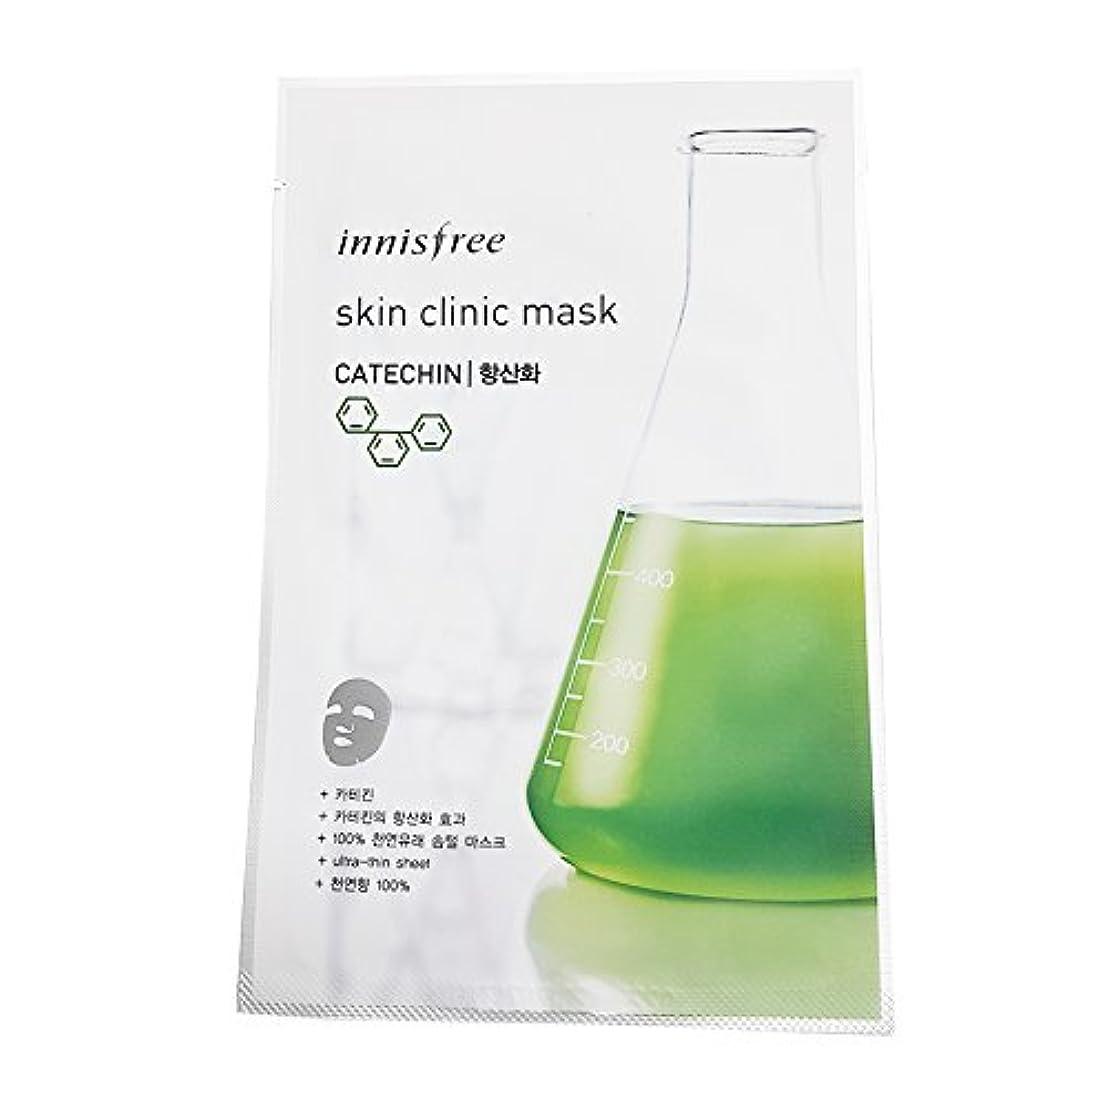 防ぐ船利点[イニスプリー] Innisfree スキンクリニックマスク(20ml)-カテキン(抗酸化用) Innisfree Skin Clinic Mask(20ml)-Catechin for Antioxidant Effect...